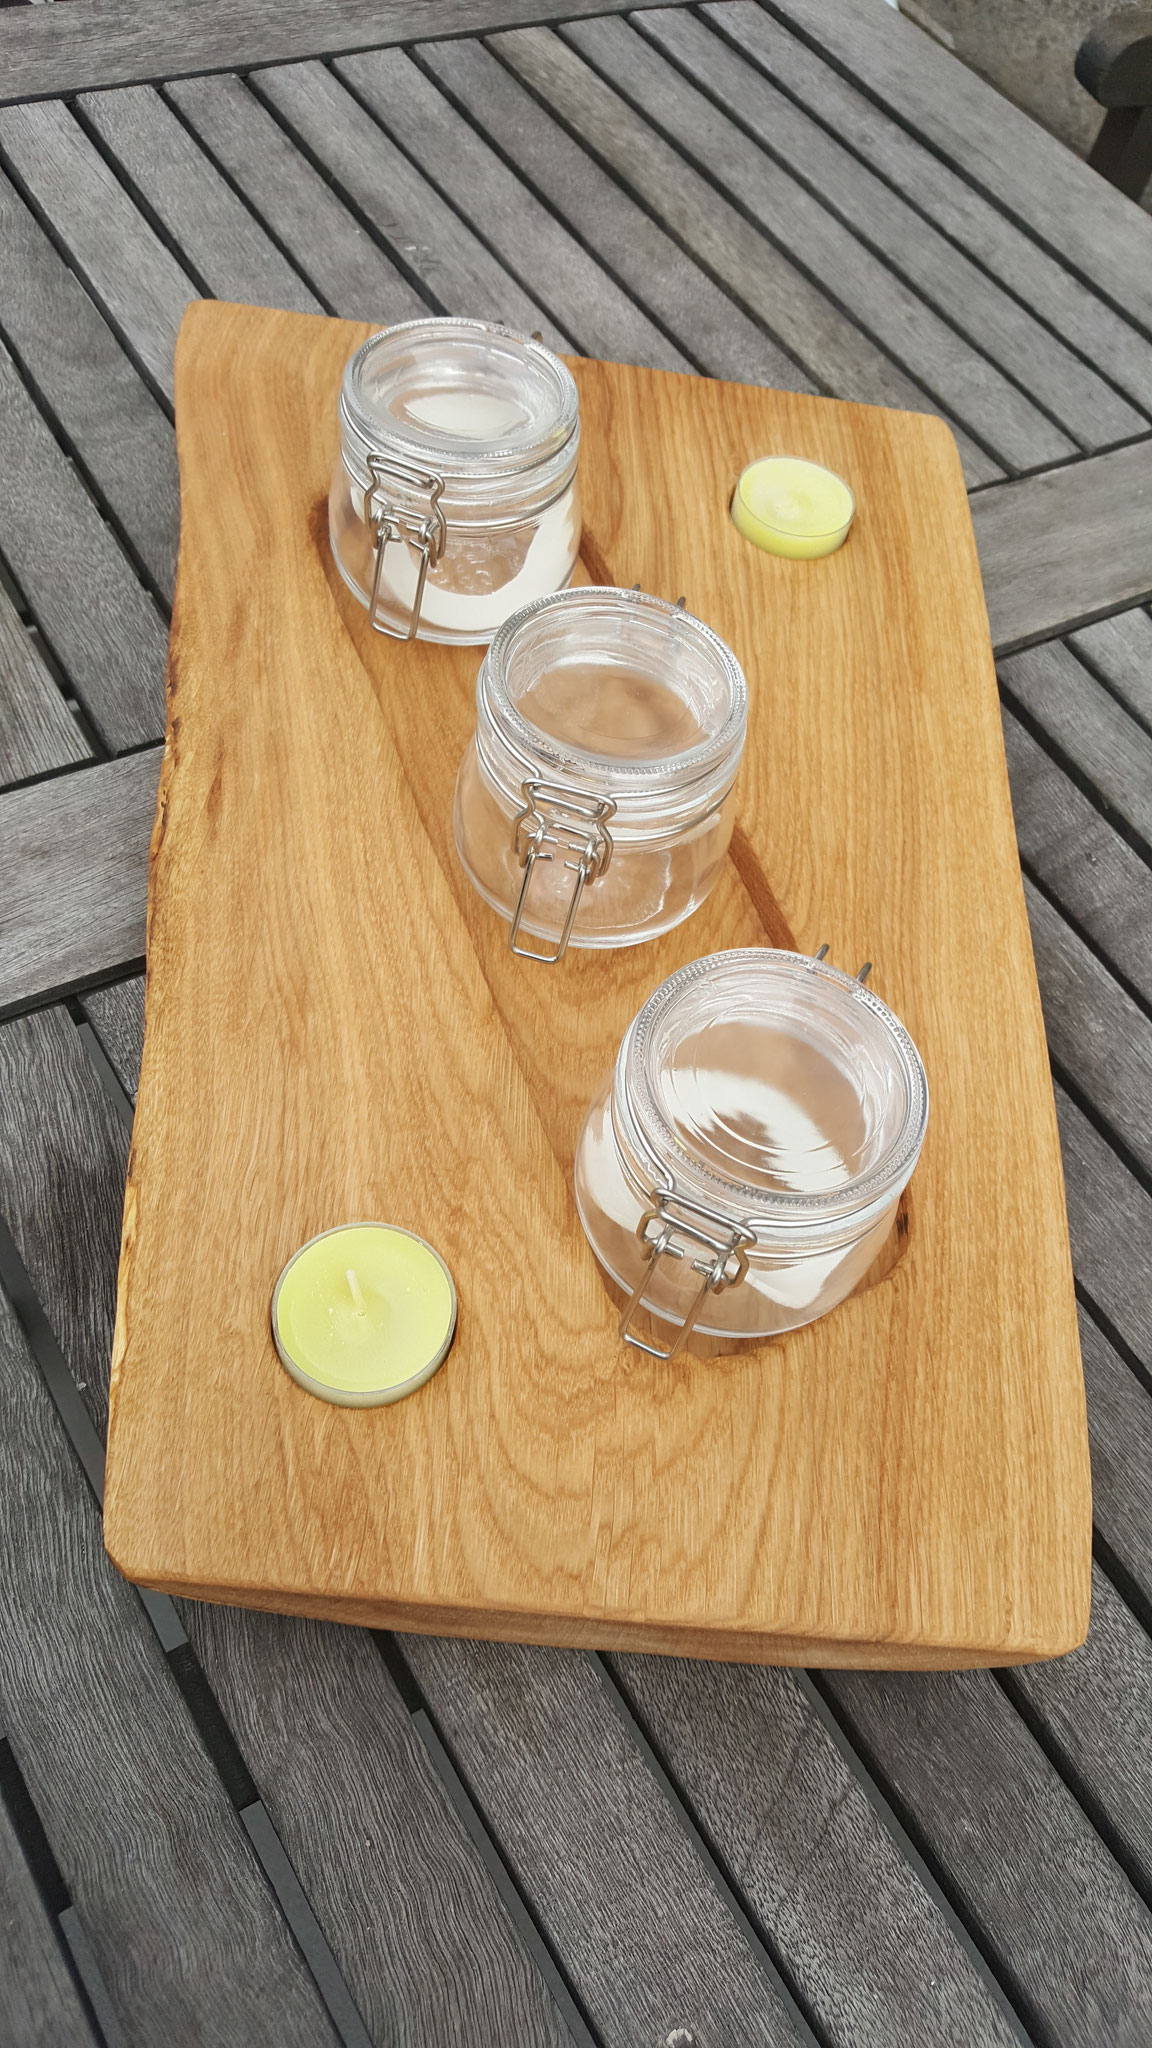 Tischdeko mit Teelichter und Gläschen zum befüllen